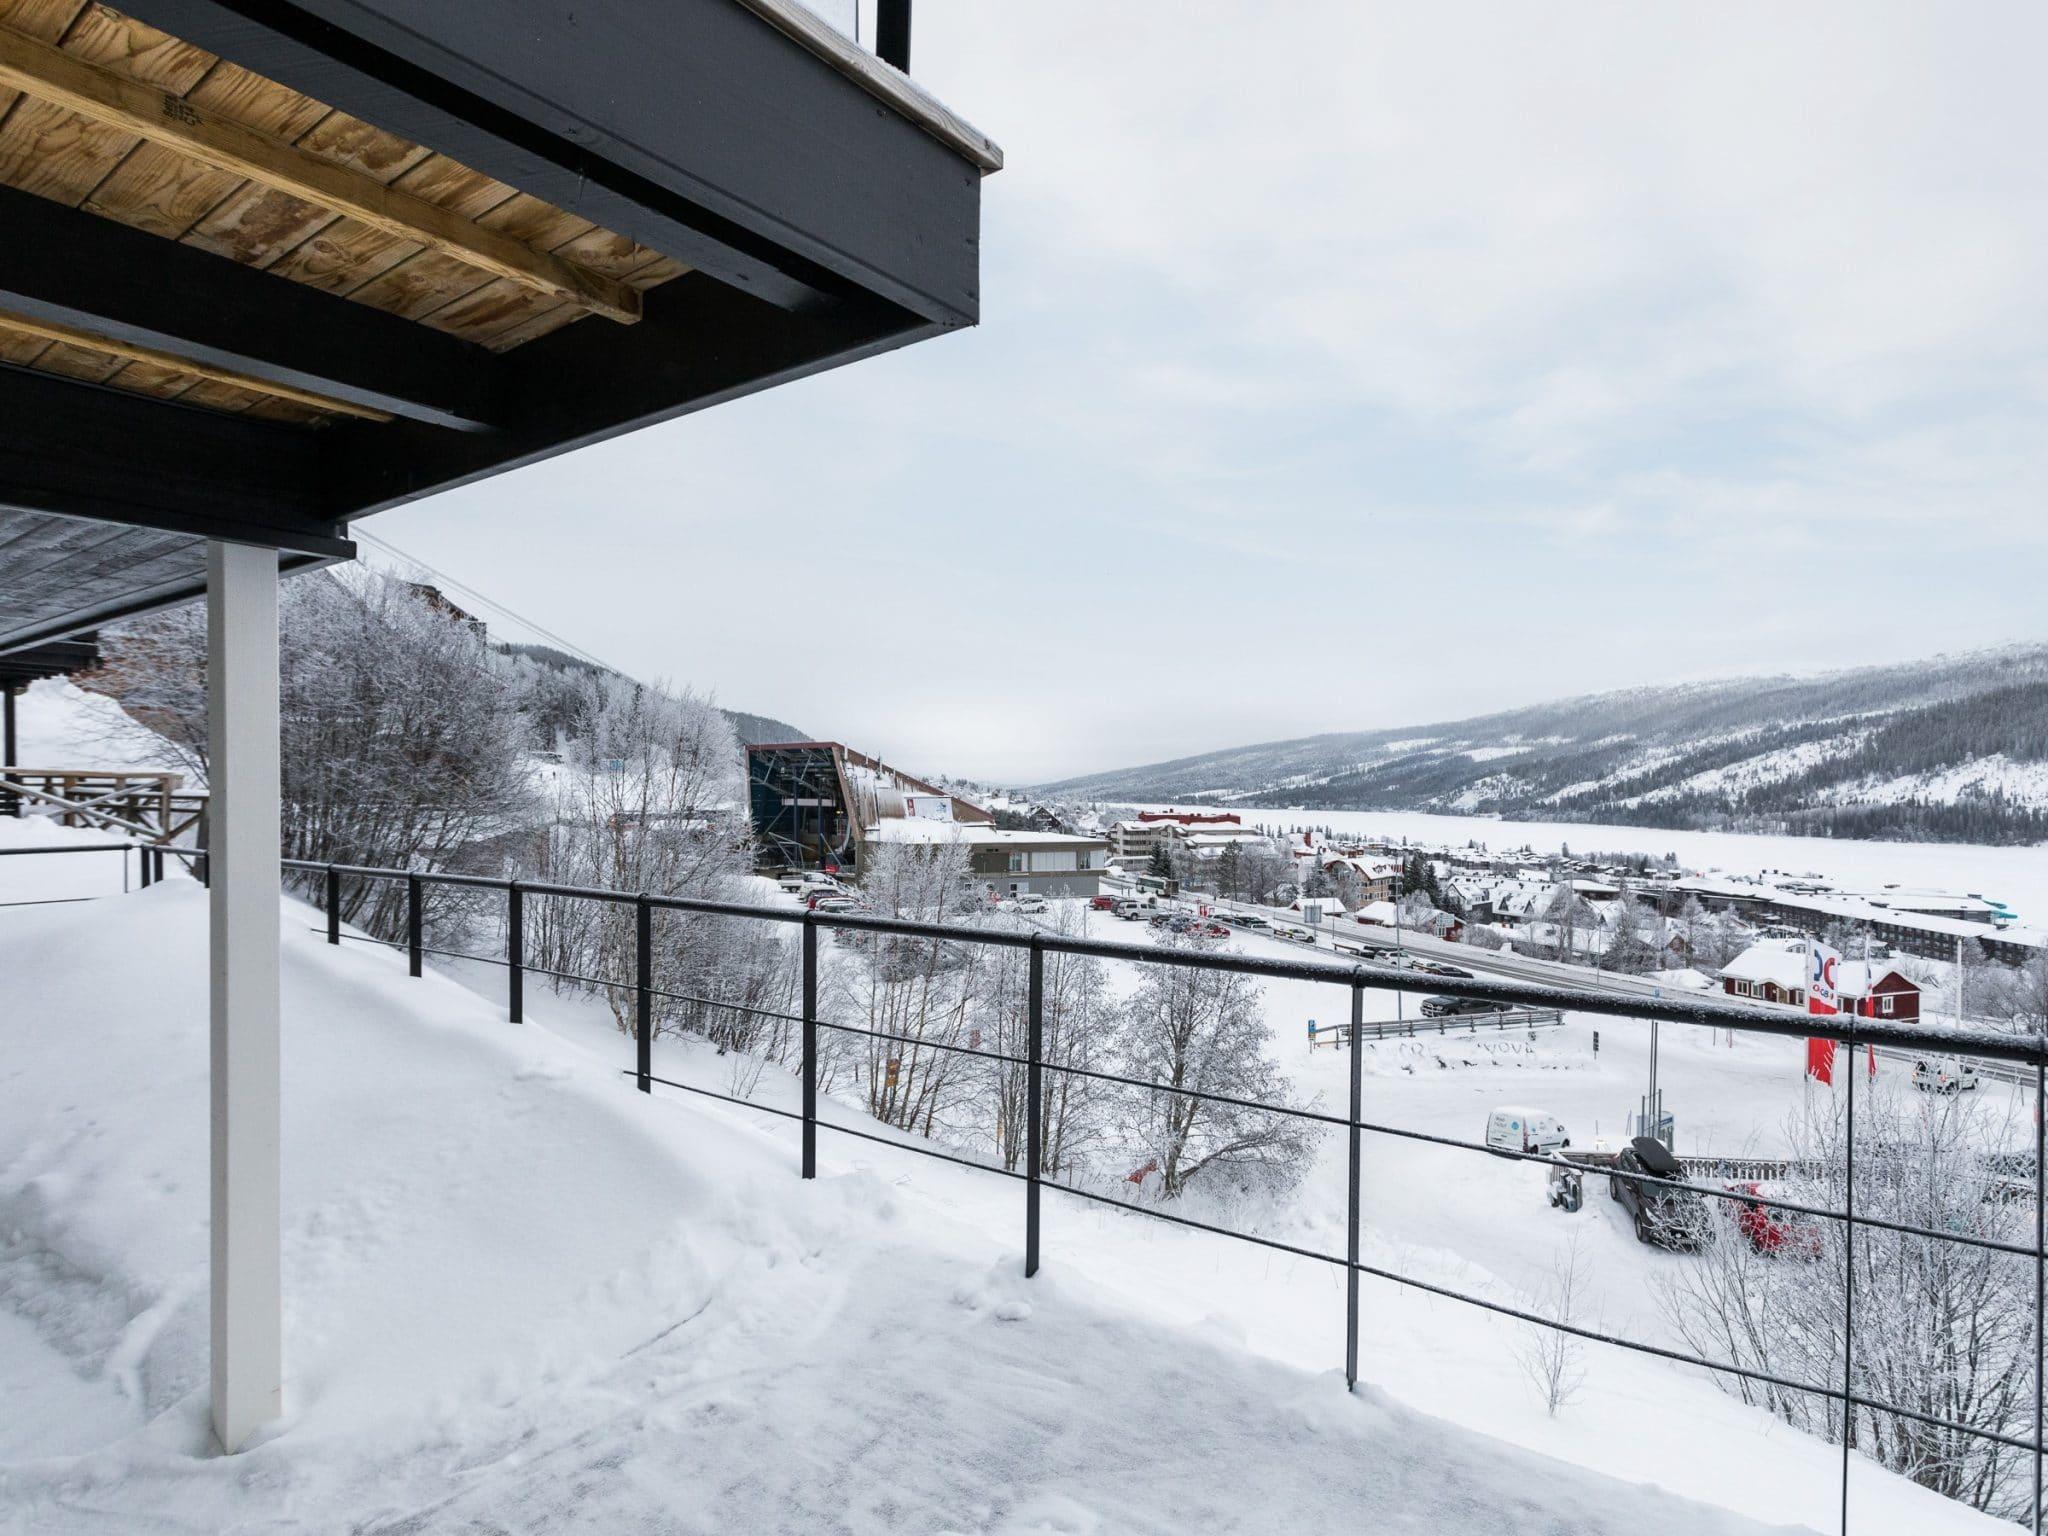 VY vintertid från Slalomsvängen 6 i Åre